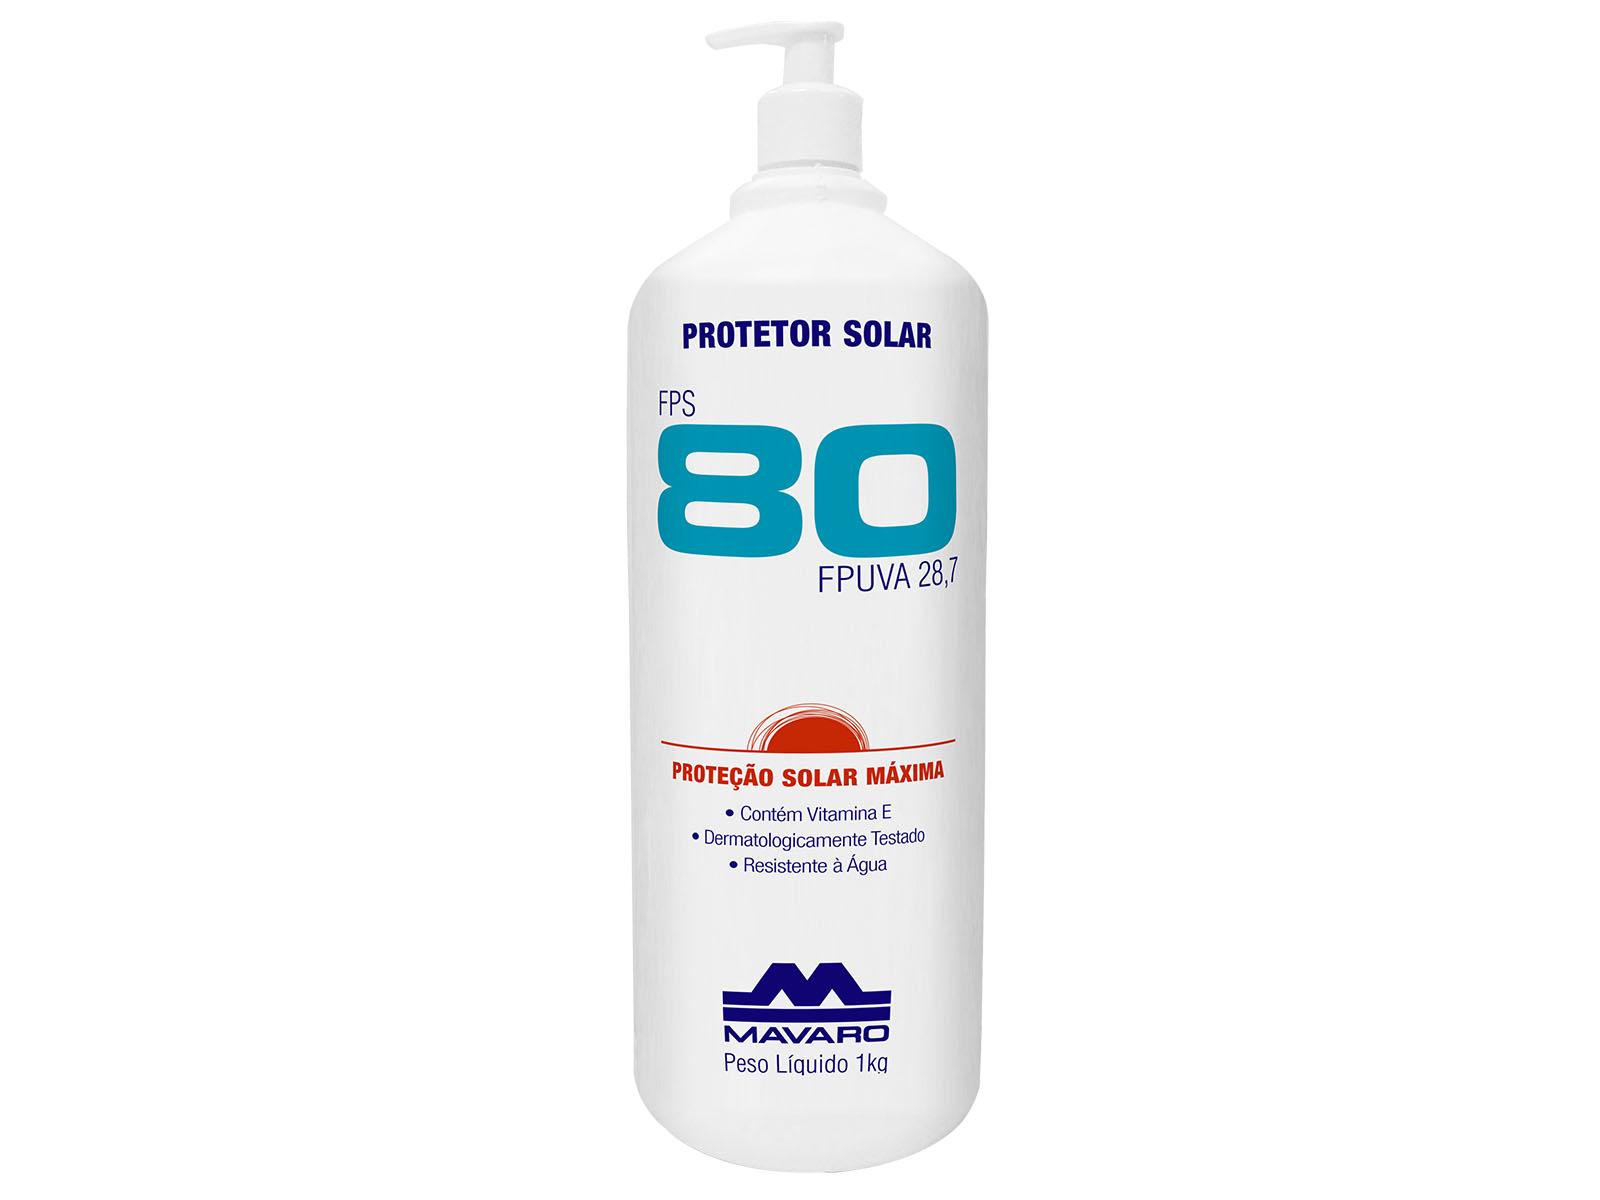 Protetor Solar FPS 80 eficaz contra a ação nociva das radiações UVA e UVB.